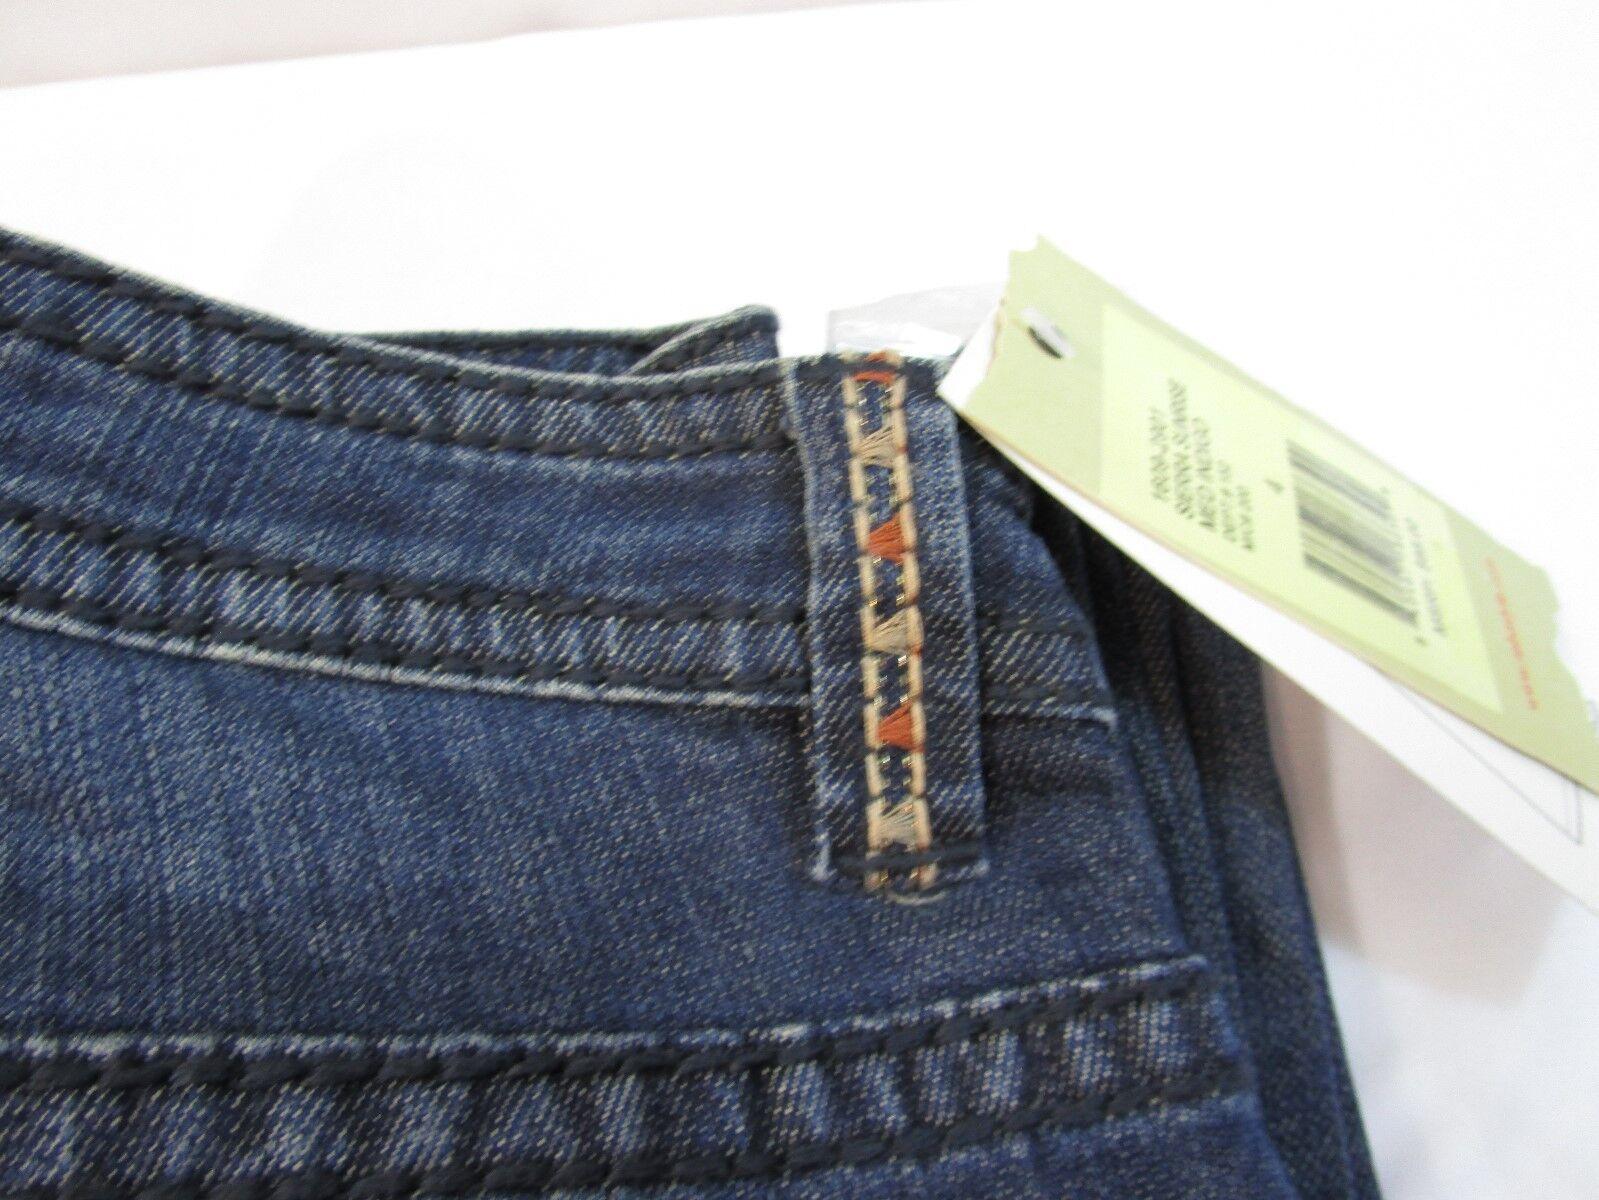 Reba Jeans Chelseastiefel Bein Jeans Größe 4 Neu mit mit mit Etikett | ein guter Ruf in der Welt  | New Product 2019  | Moderater Preis  | Bekannt für seine hervorragende Qualität  | Elegante und robuste Verpackung  bef217